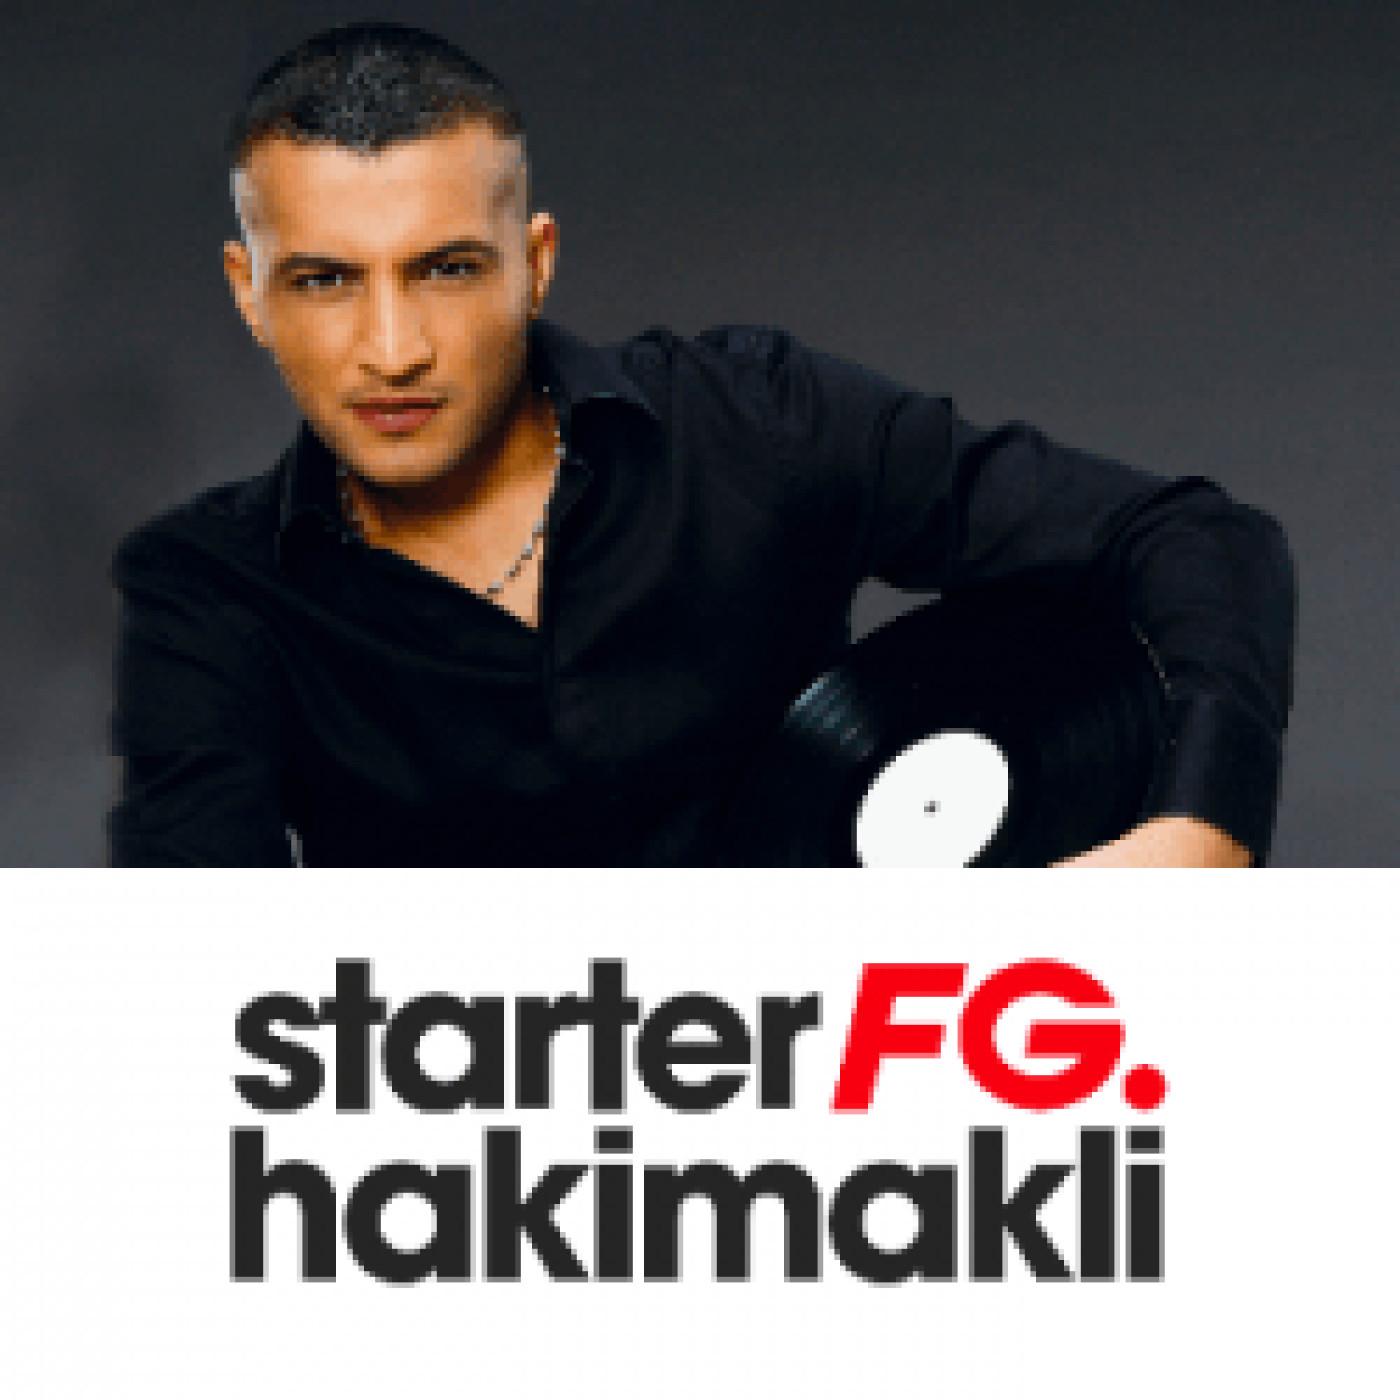 STARTER FG BY HAKIMAKLI LUNDI 5 OCTOBRE 2020